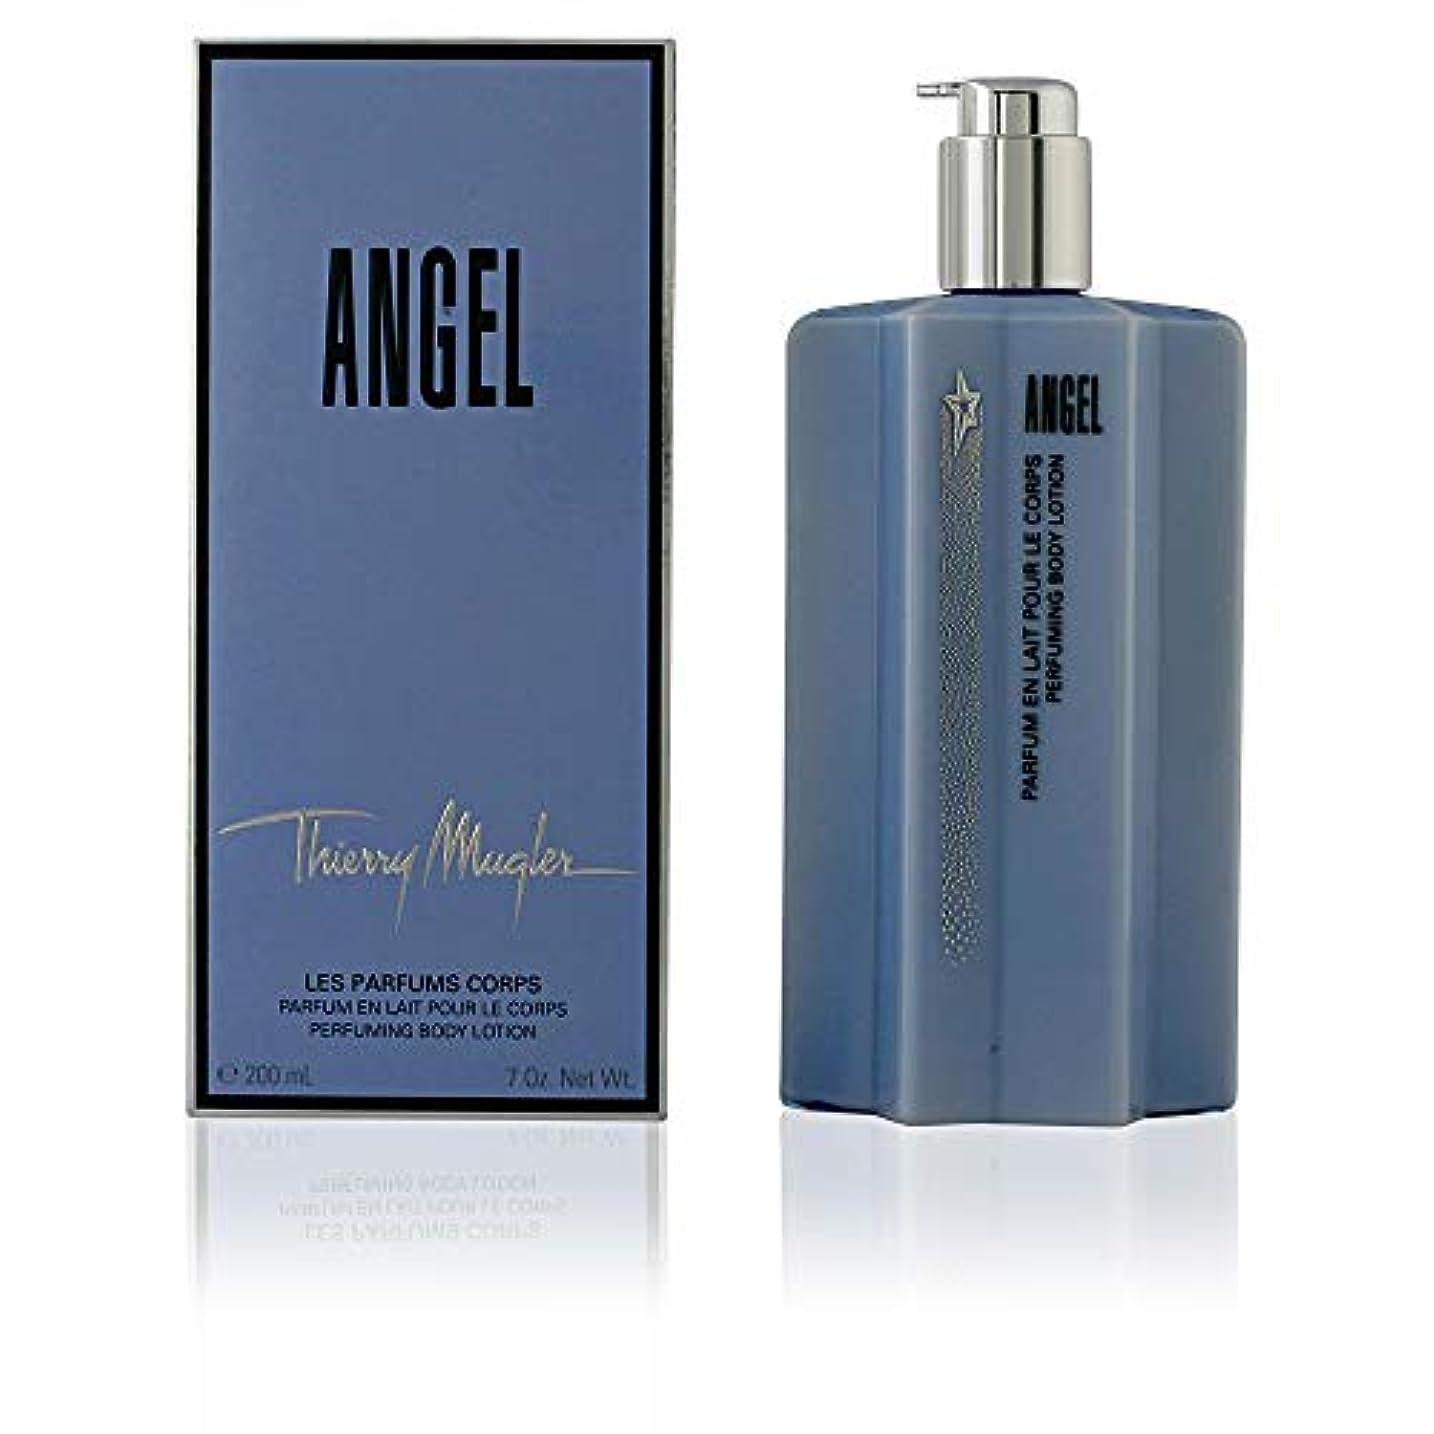 横レーニン主義ステレオタイプThierry Mugler Angel Body Lotion 200 ml